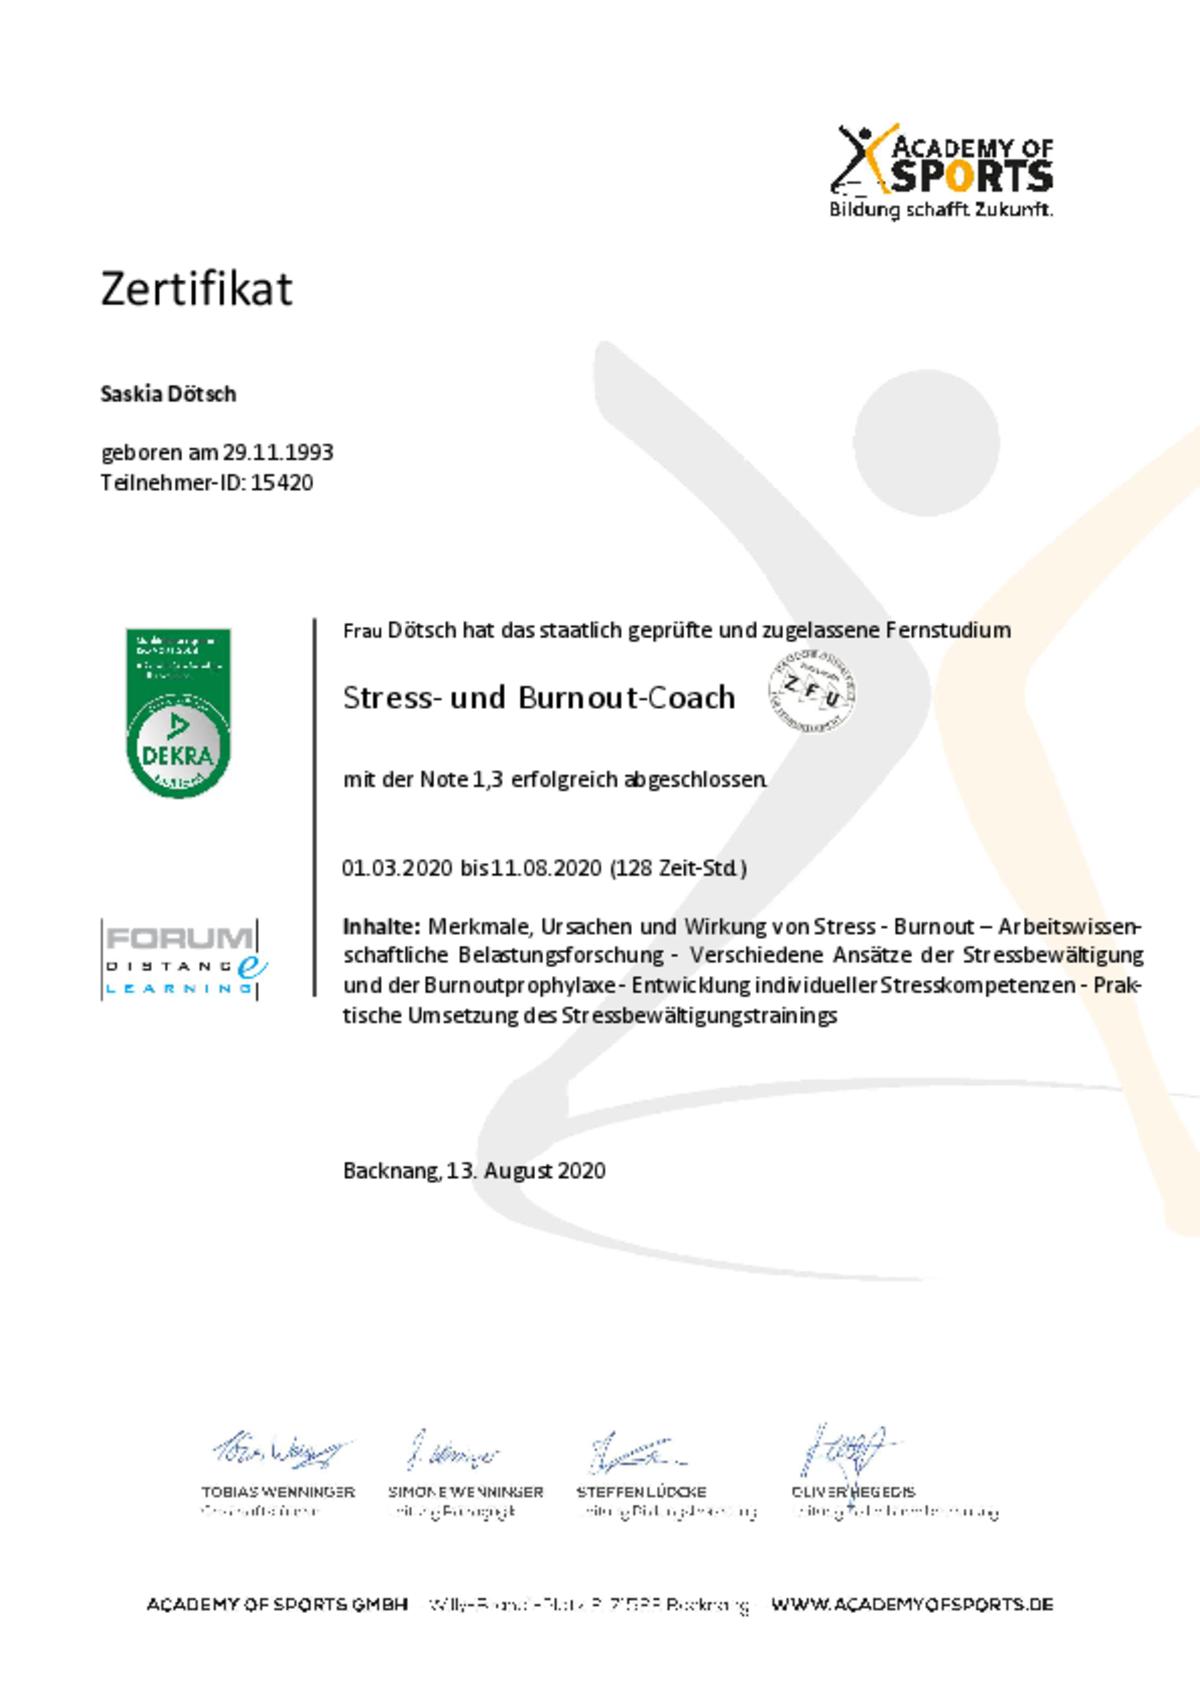 Zertifikat zur Ausbildung als Coach für Stressmanagement und Burnout sowie Burnoutprophylaxe